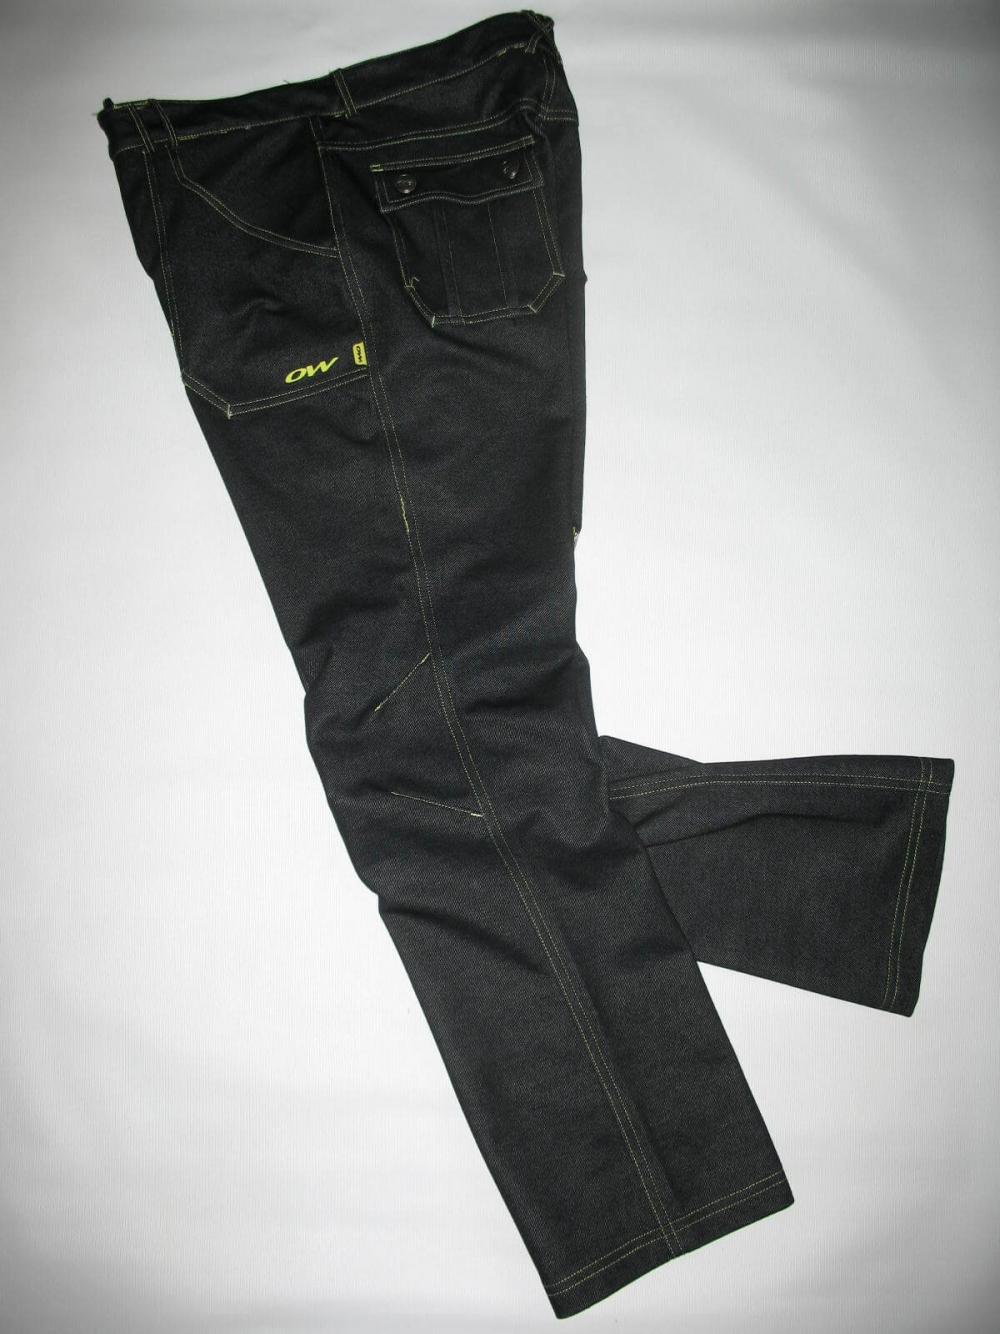 Штаны OW one winner pants (размер М) - 3